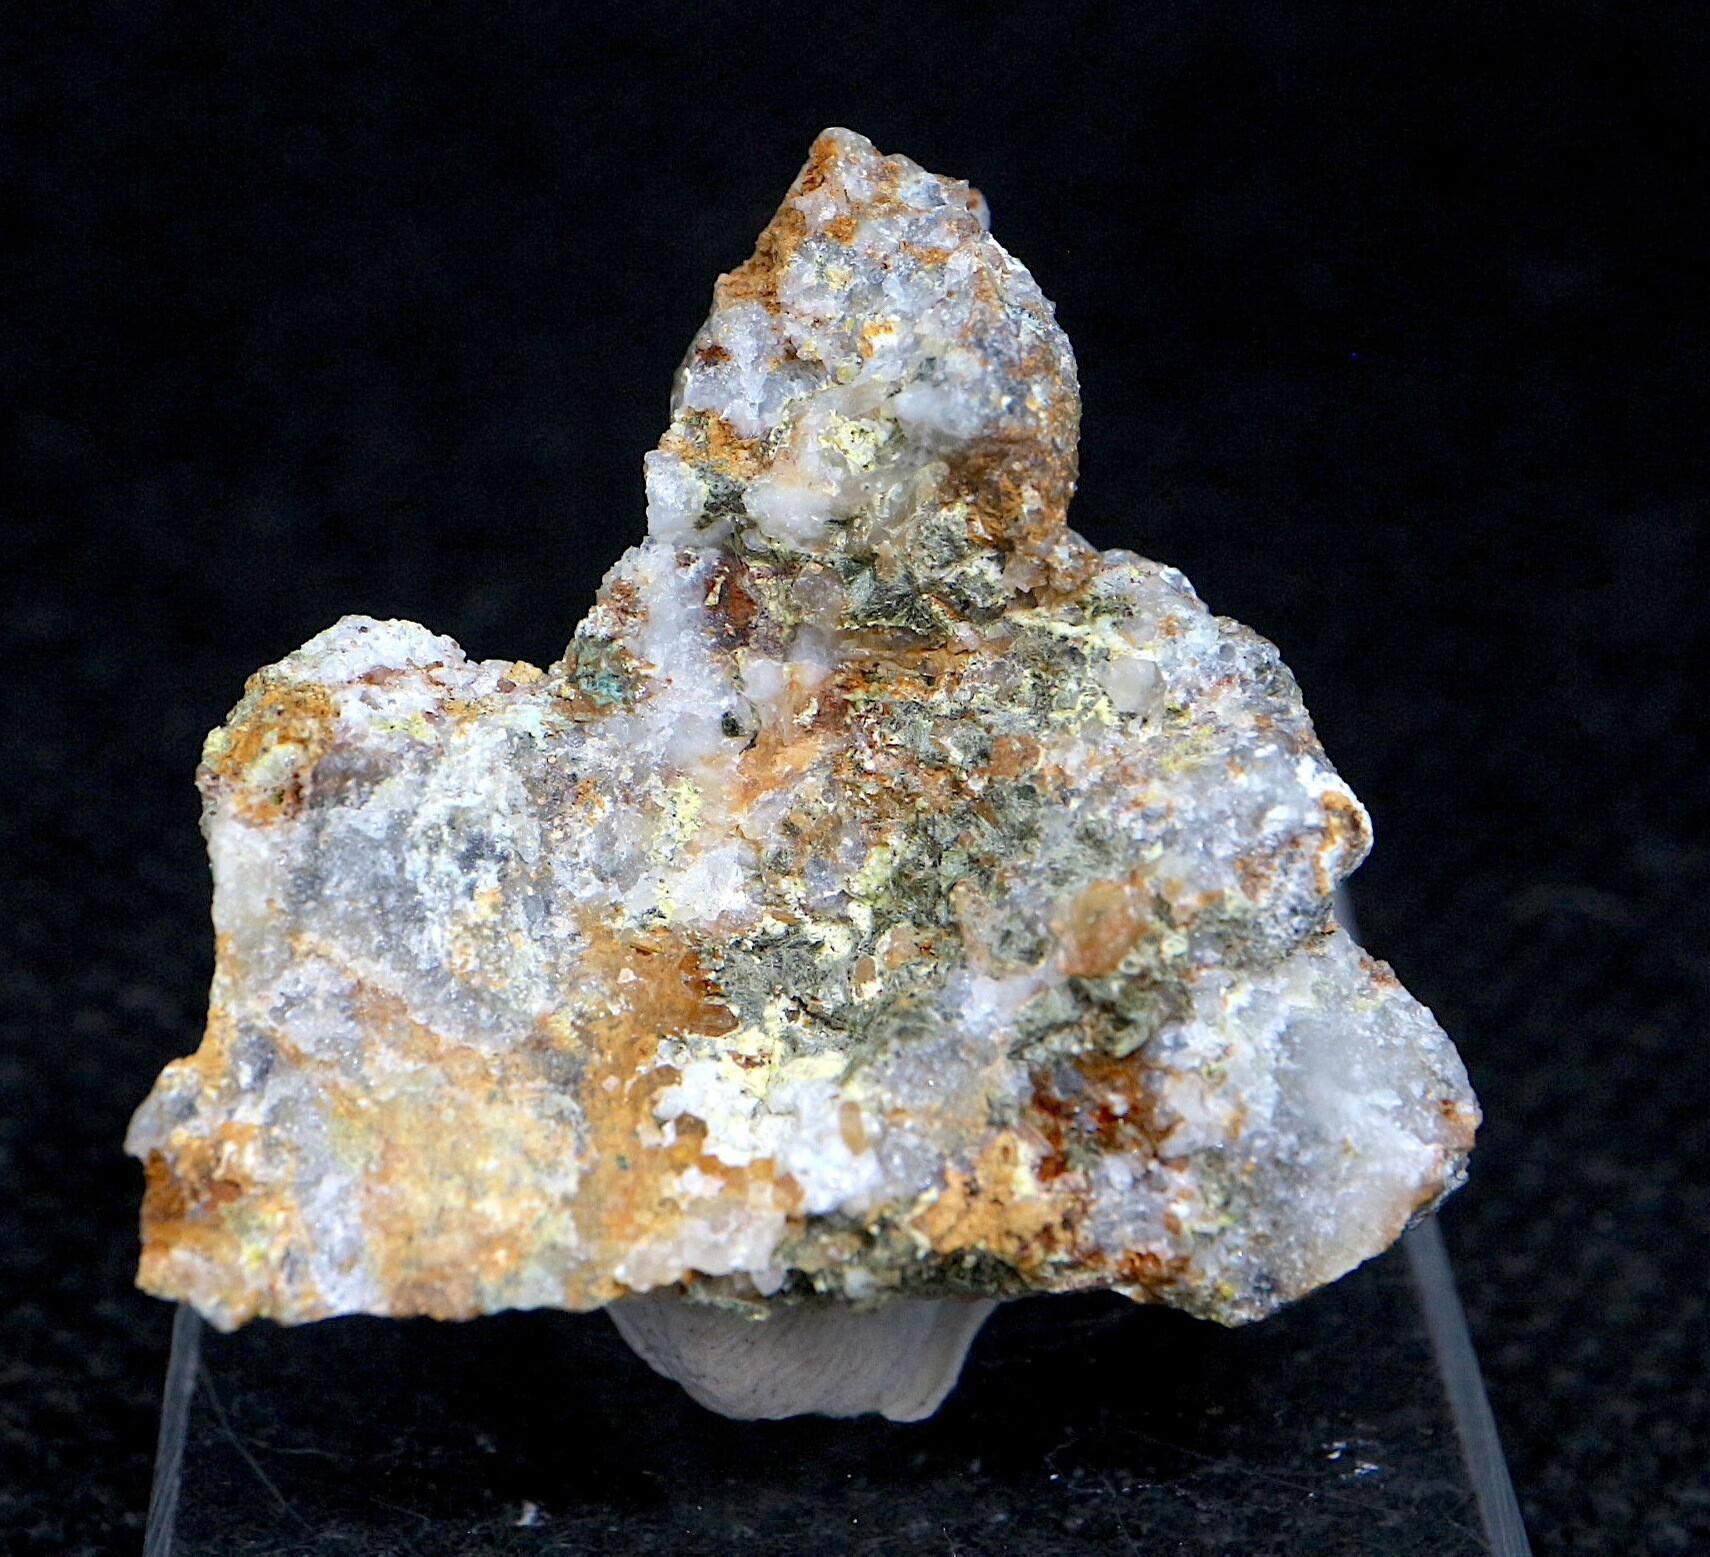 フェリスーライト フィロ珪酸塩鉱物  9,3g 原石 標本 FRR003 天然石 鉱物 パワーストーン